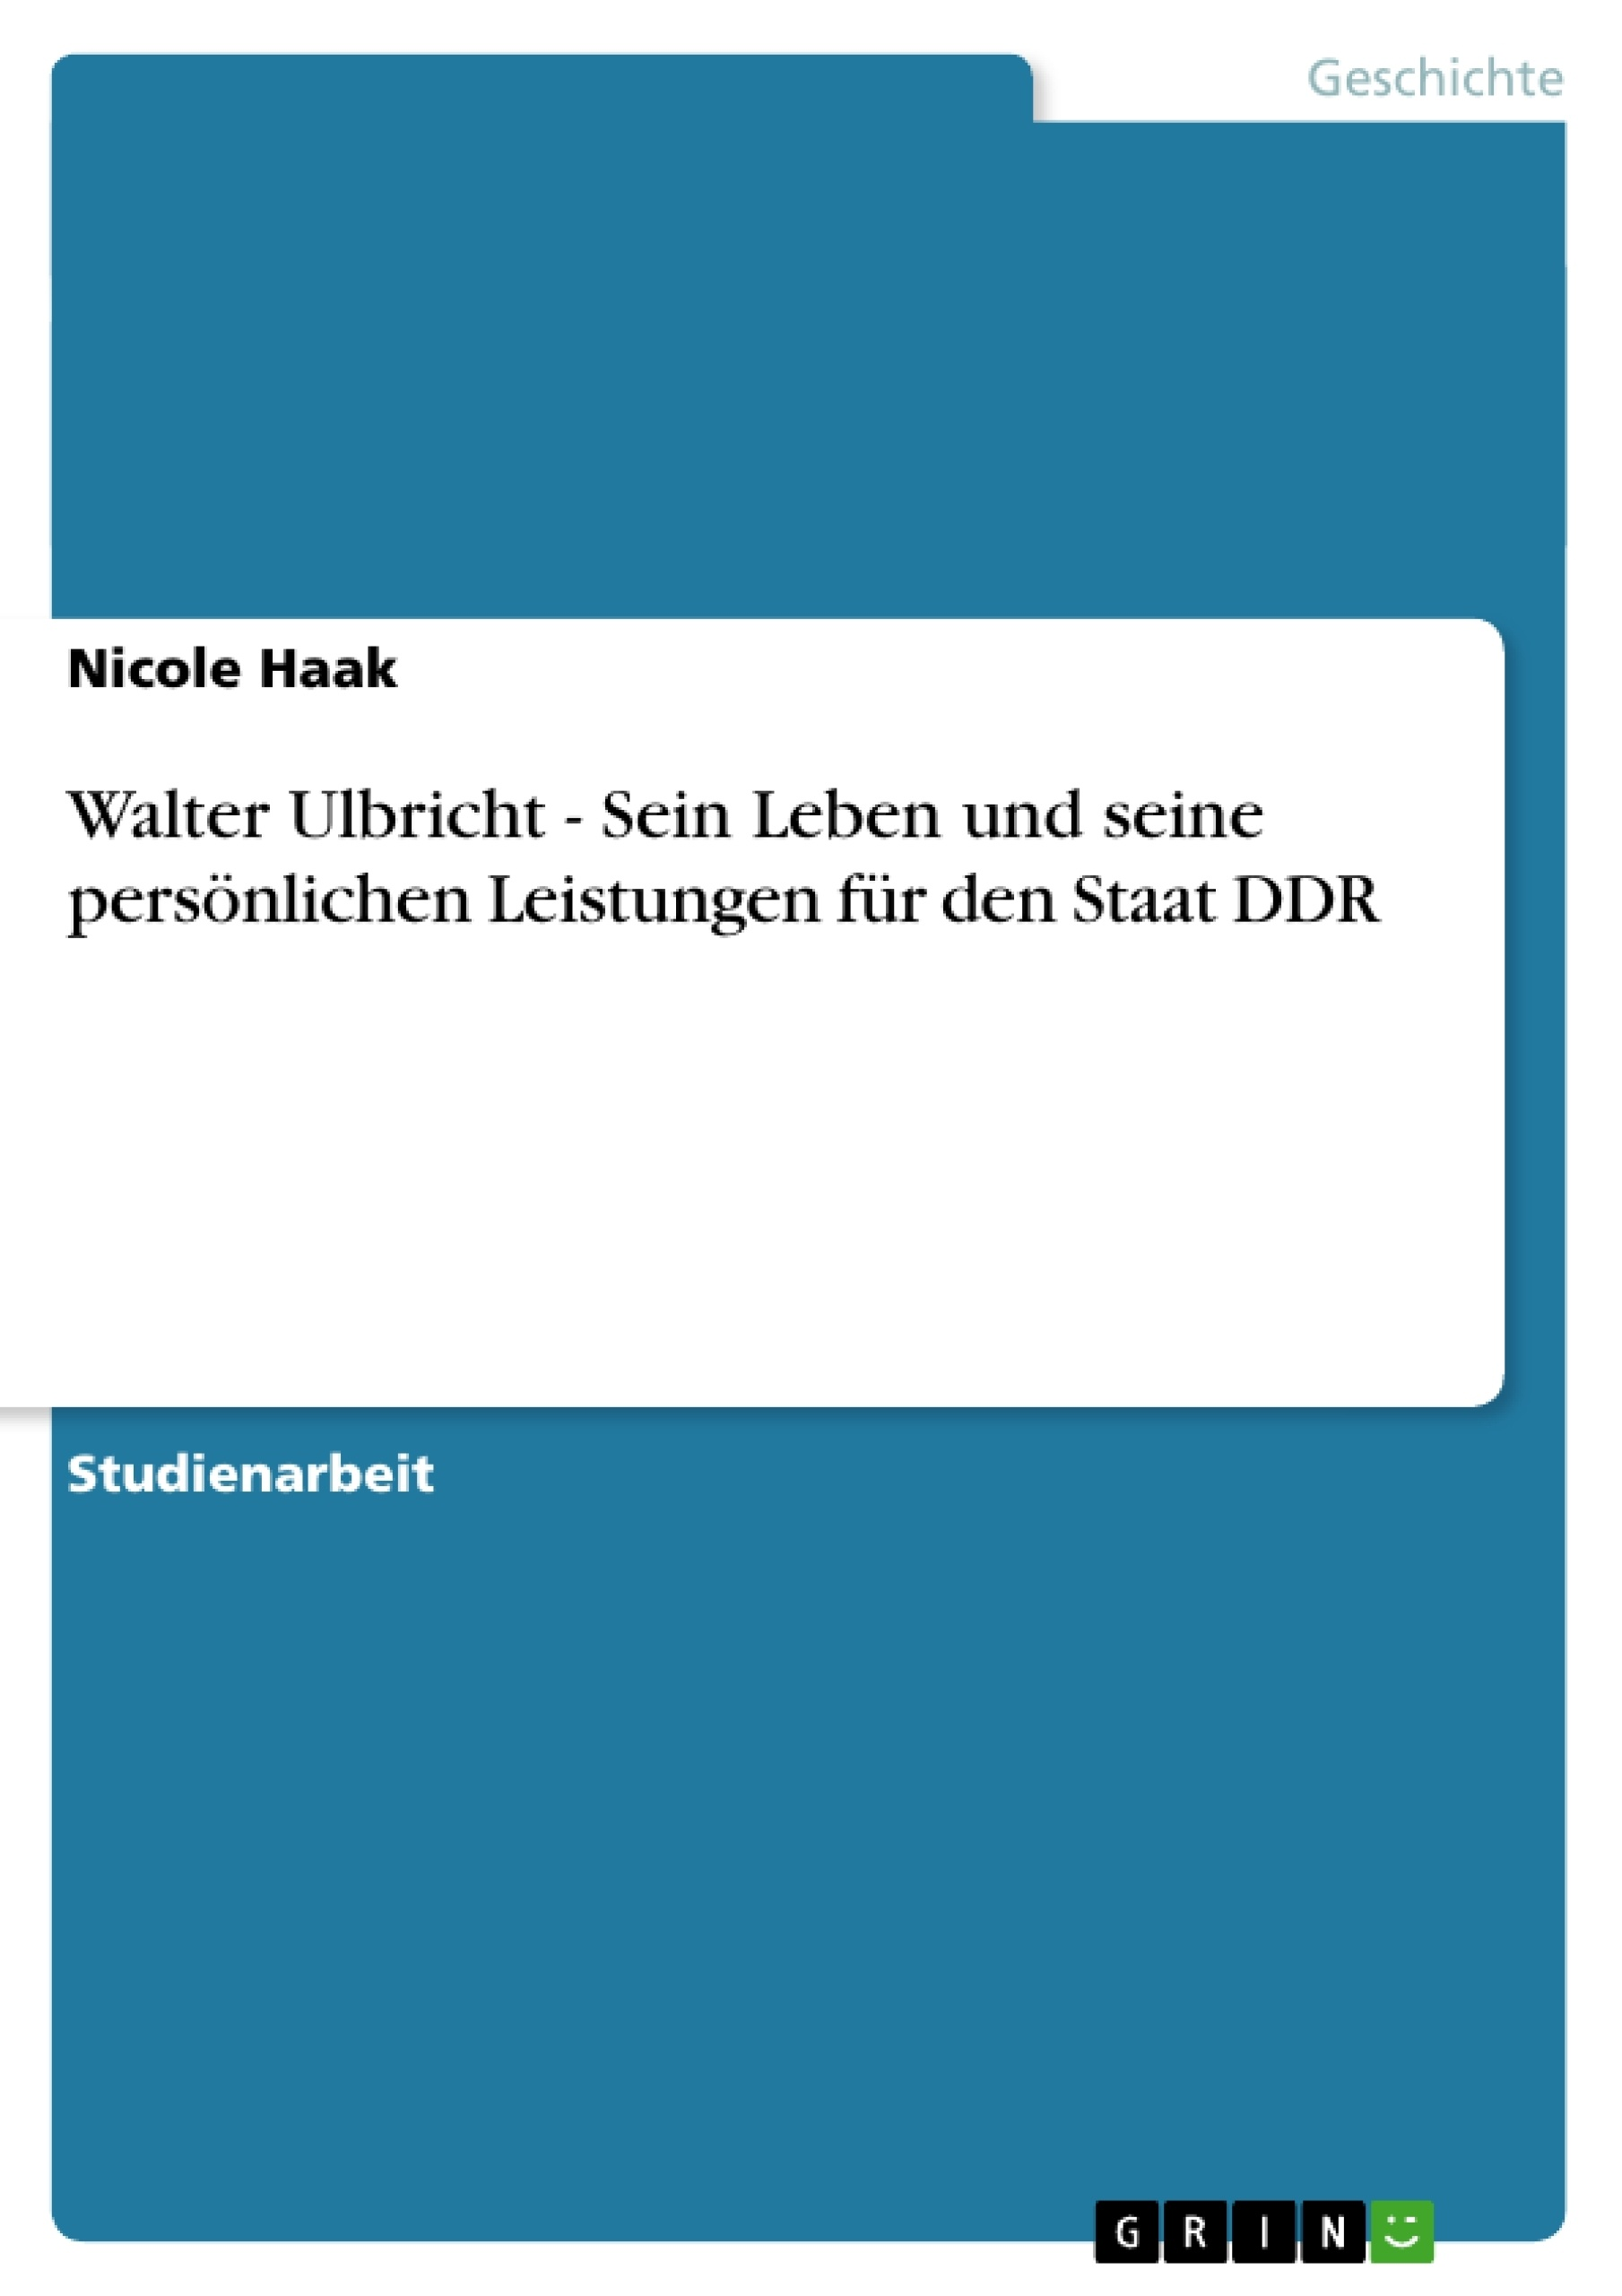 Titel: Walter Ulbricht - Sein Leben und seine persönlichen Leistungen für den Staat DDR